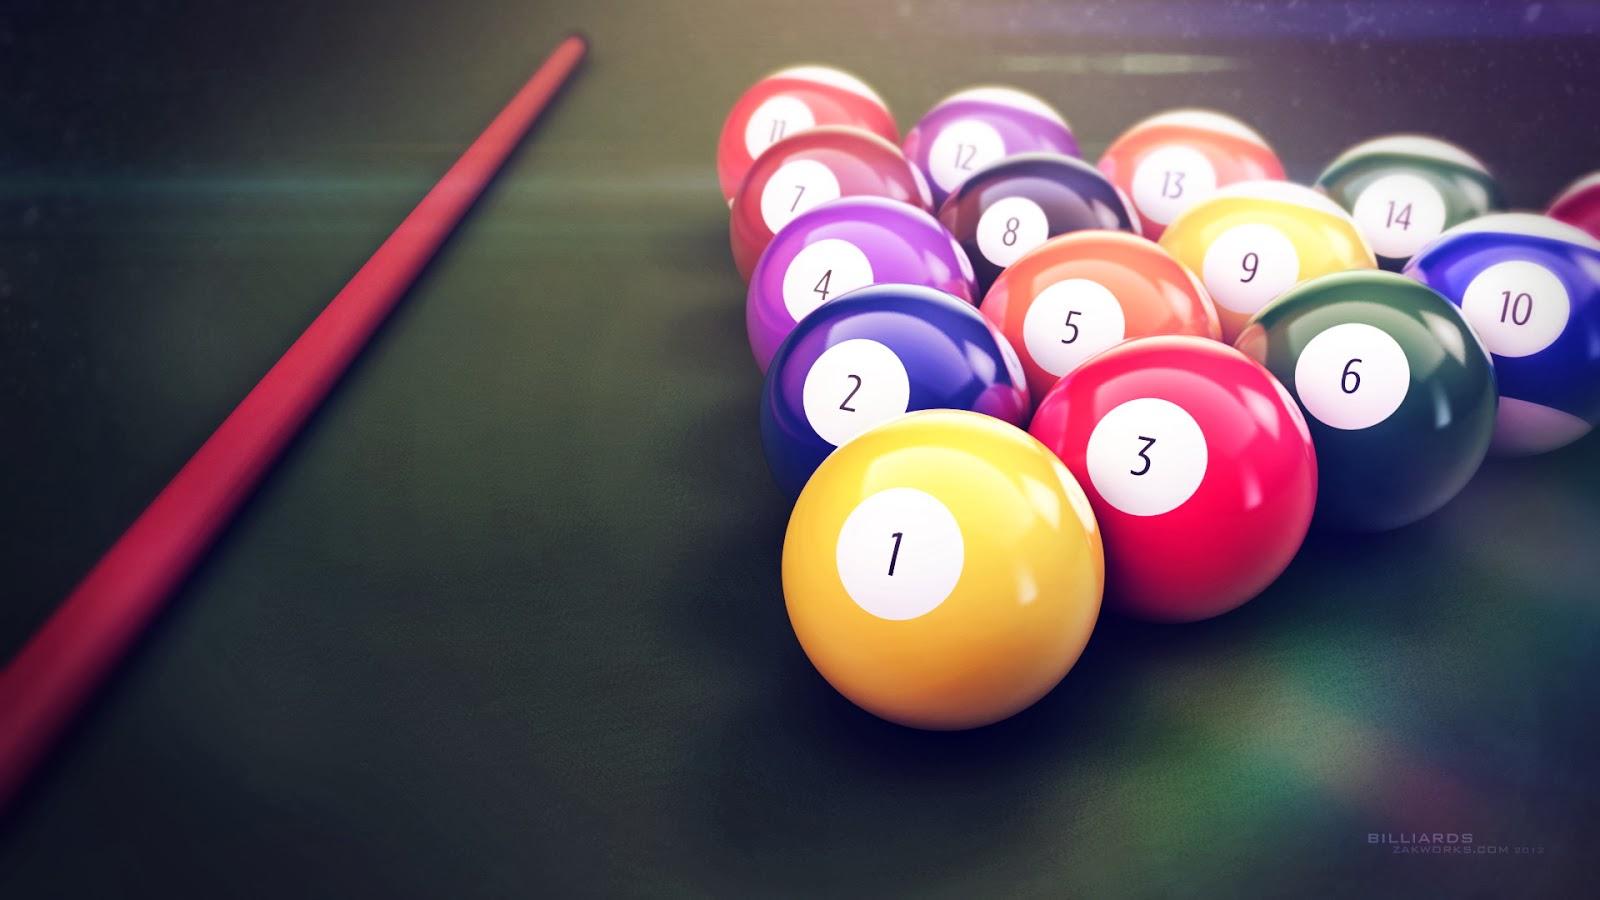 """<img src=""""http://2.bp.blogspot.com/-78thgC-wArI/UuAfTP3FXcI/AAAAAAAAJyw/NBy1IA7Ep70/s1600/billiards.jpg"""" alt=""""billiards"""" />"""